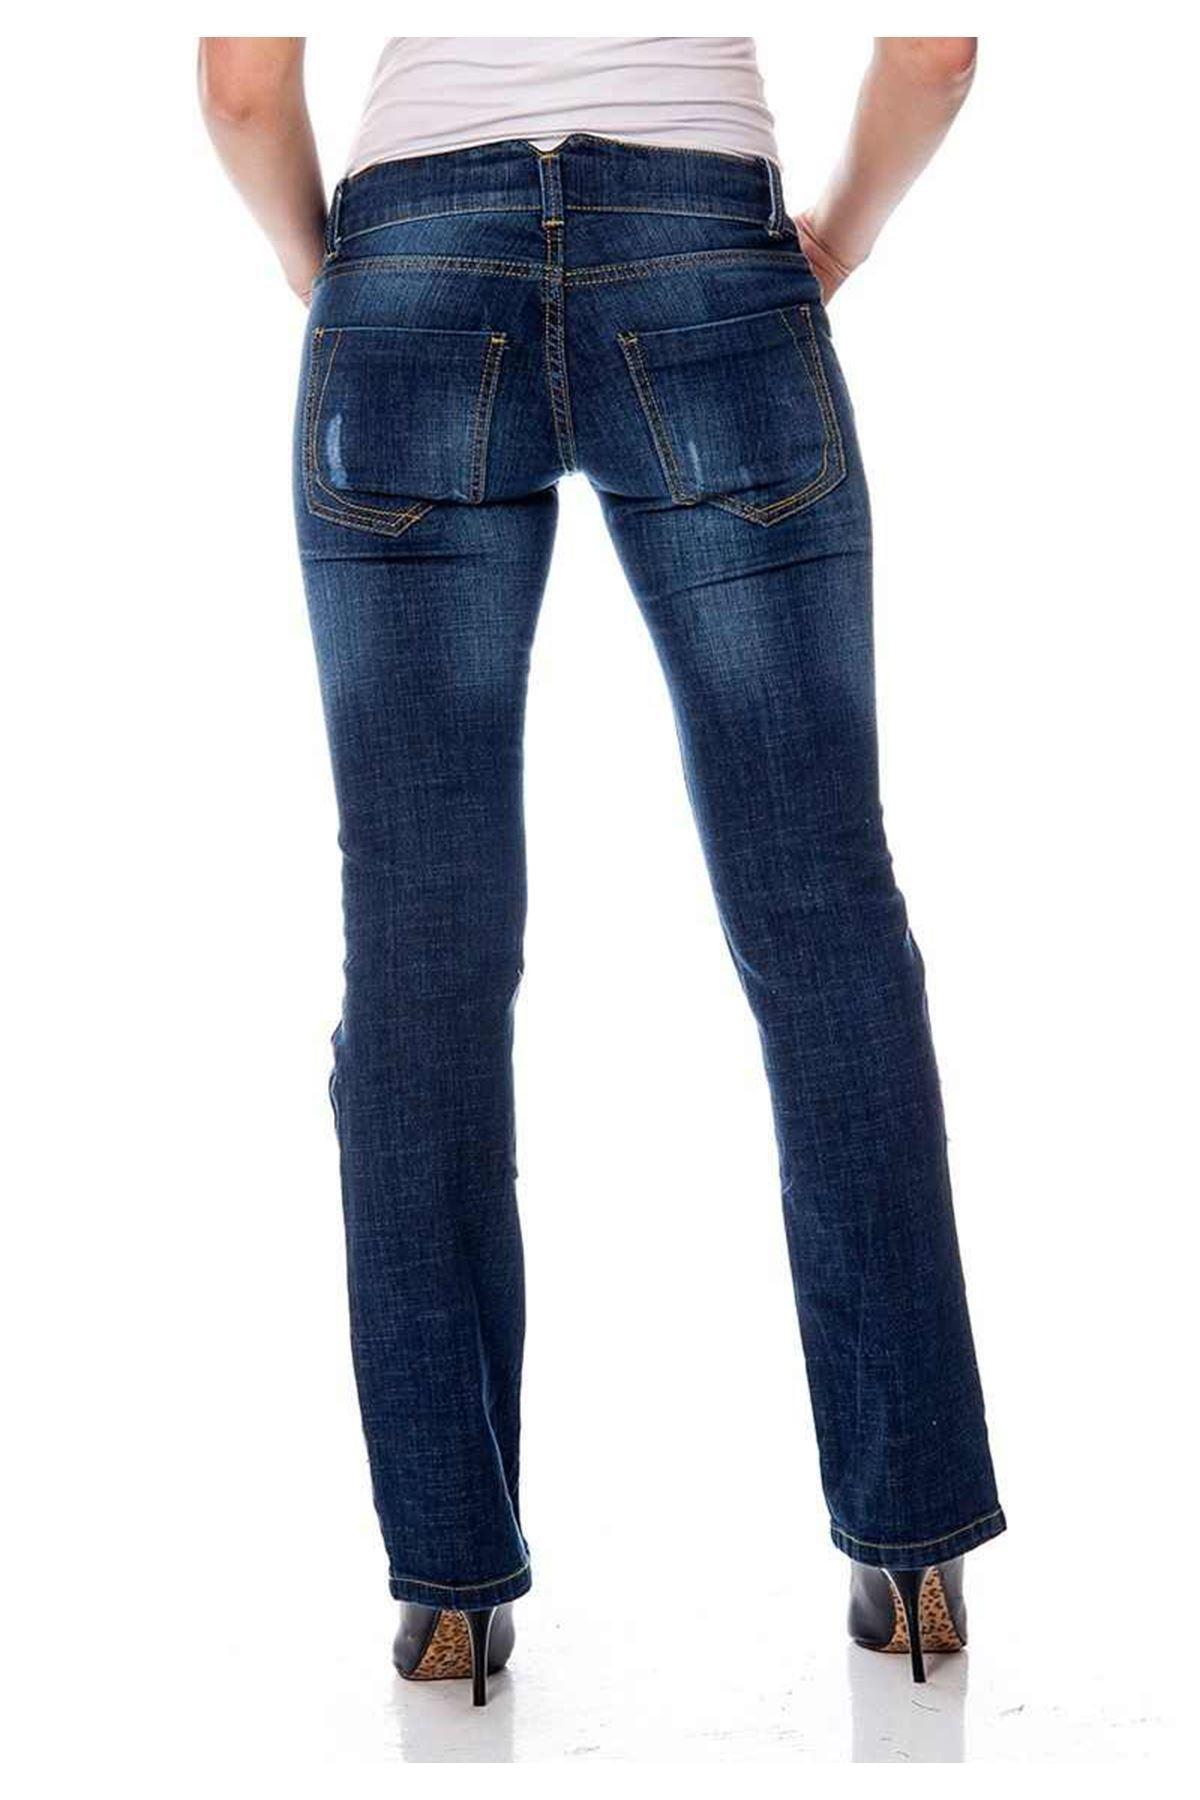 Koyu Mavi Yırtık Kadın Kot Pantolon 5A-111775